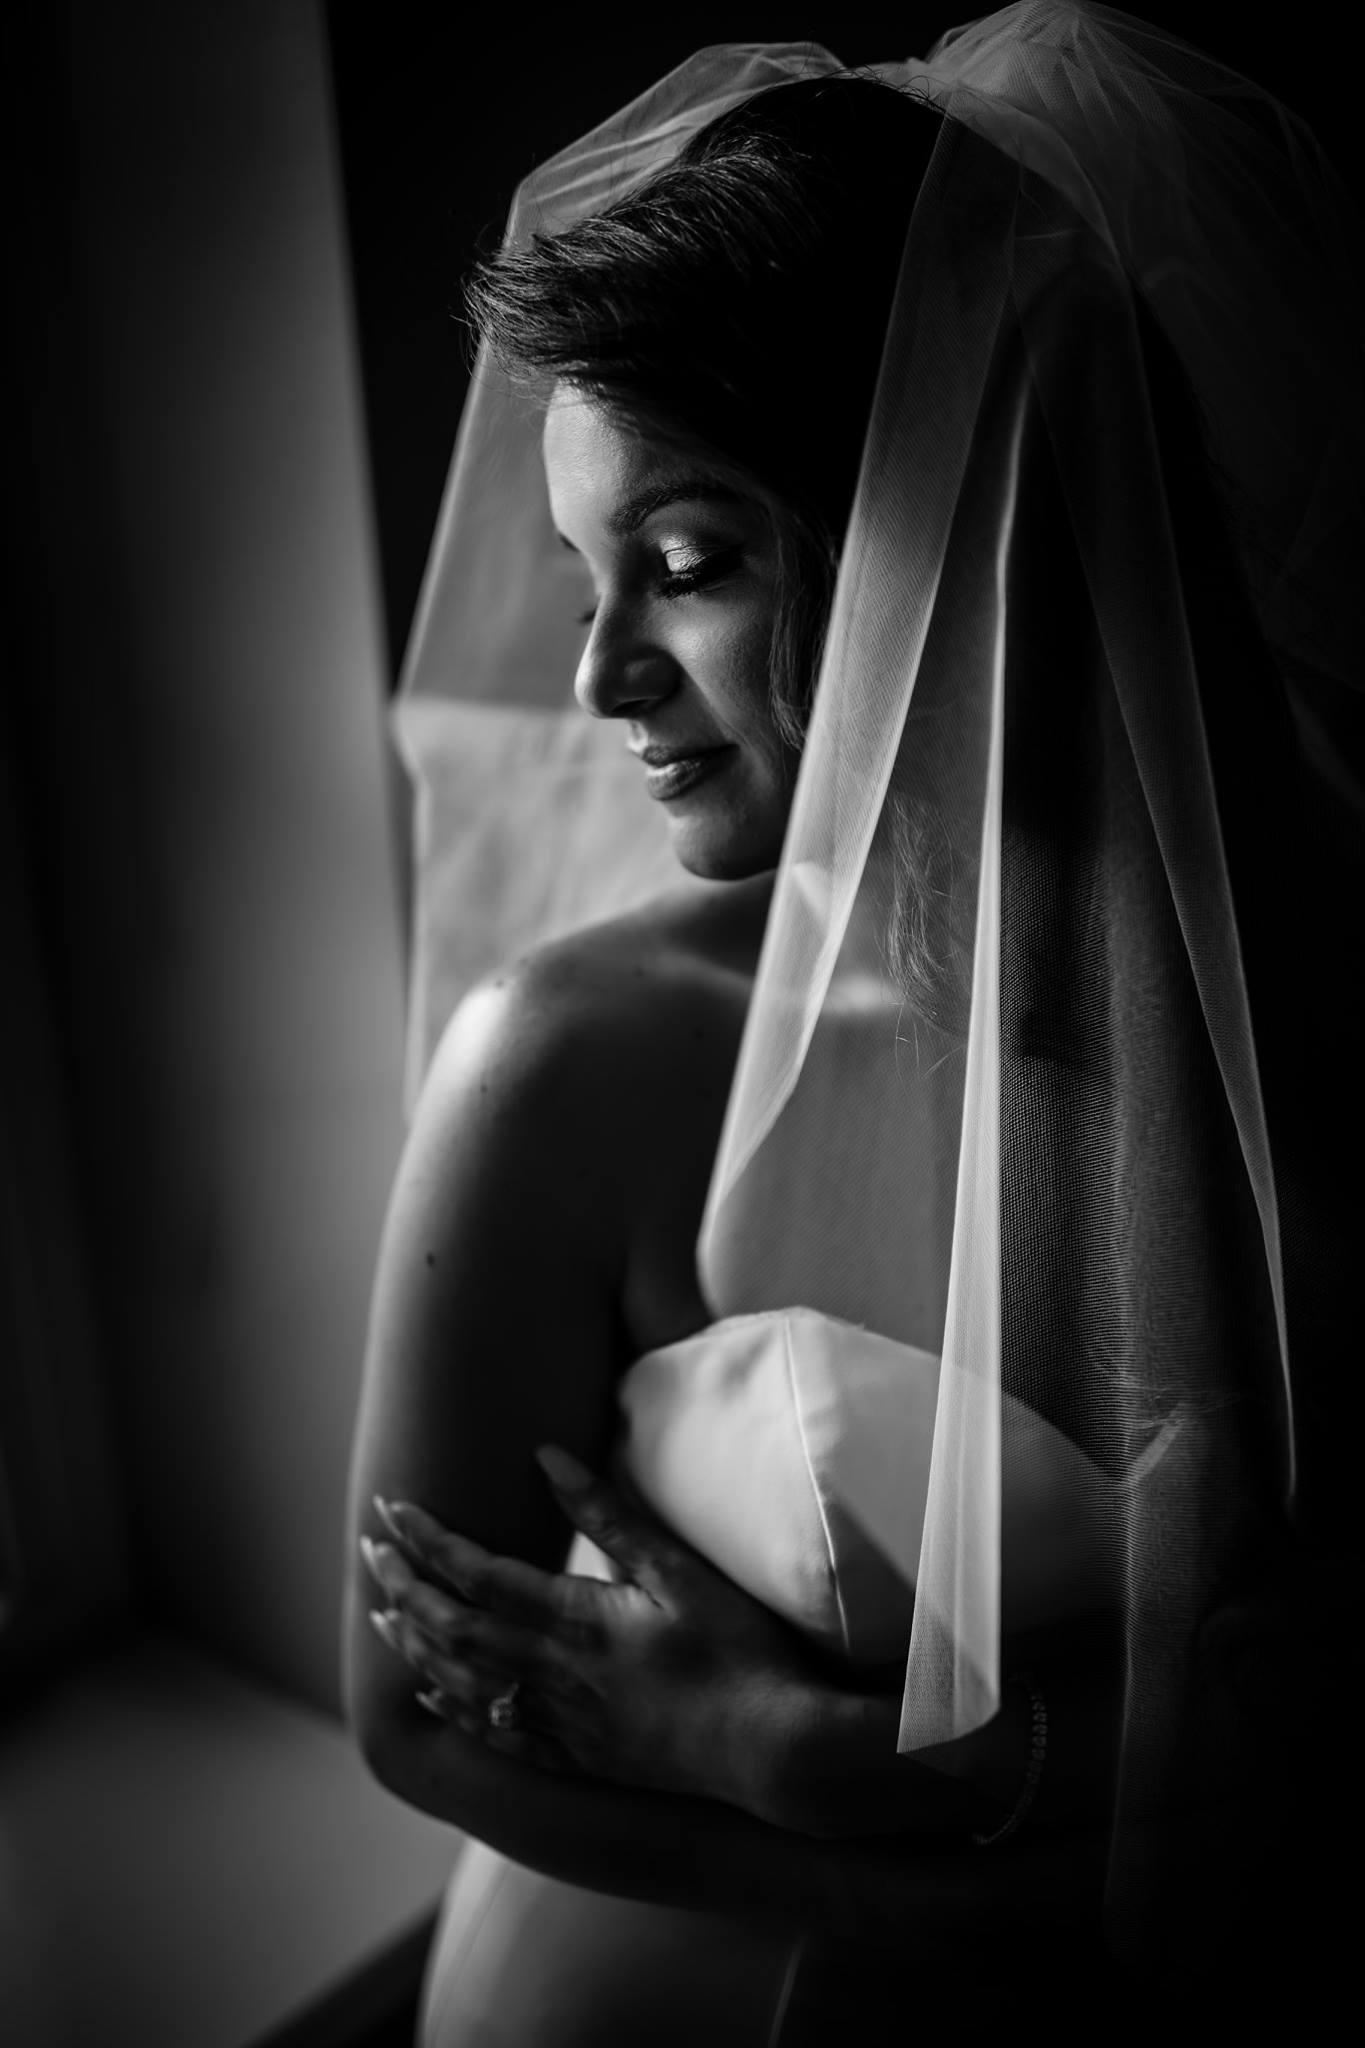 zajac photography wedding 6